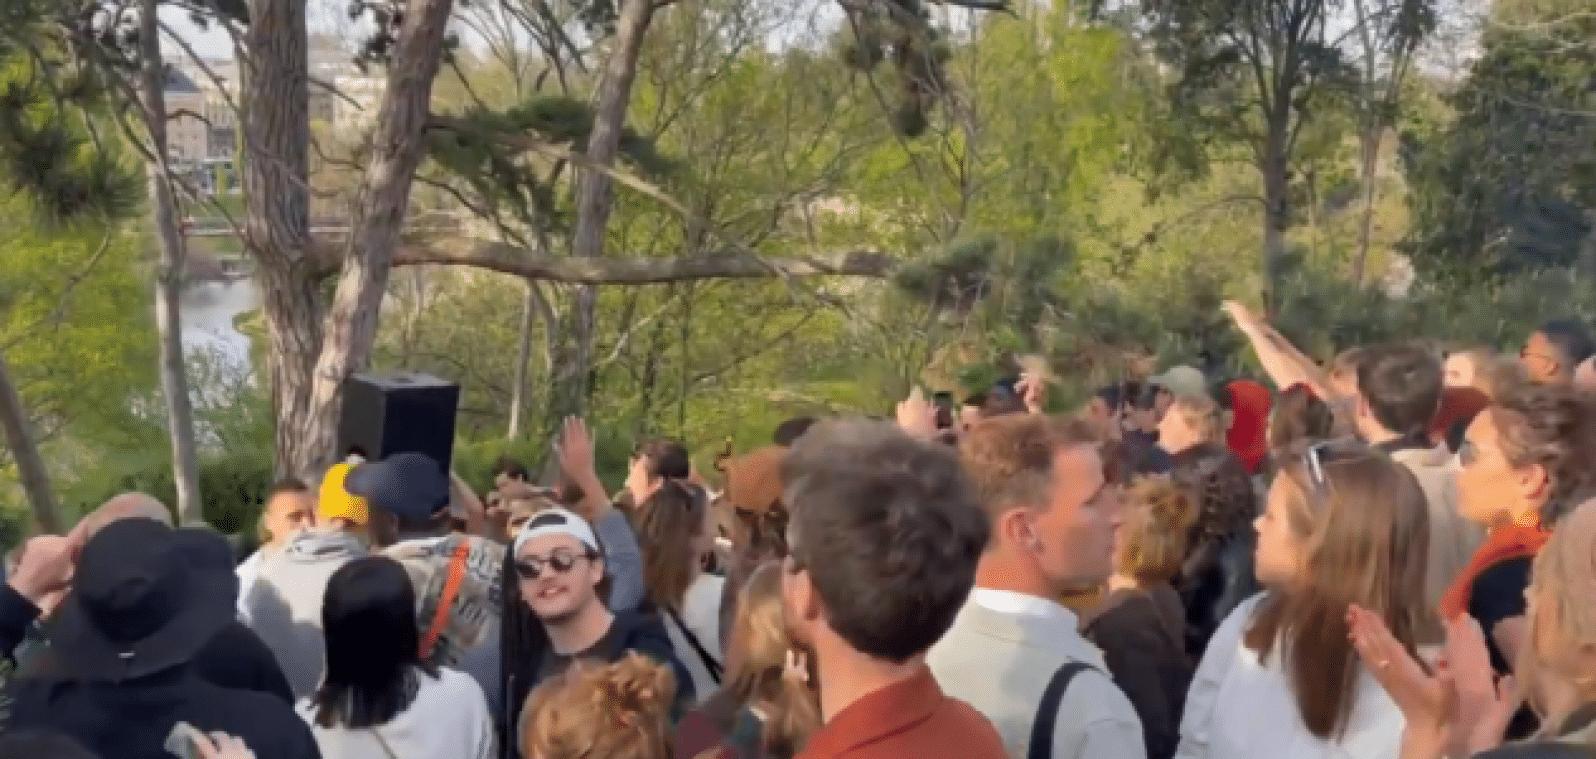 Une fête se déroule aux Buttes Chaumont malgré la crise sanitaire